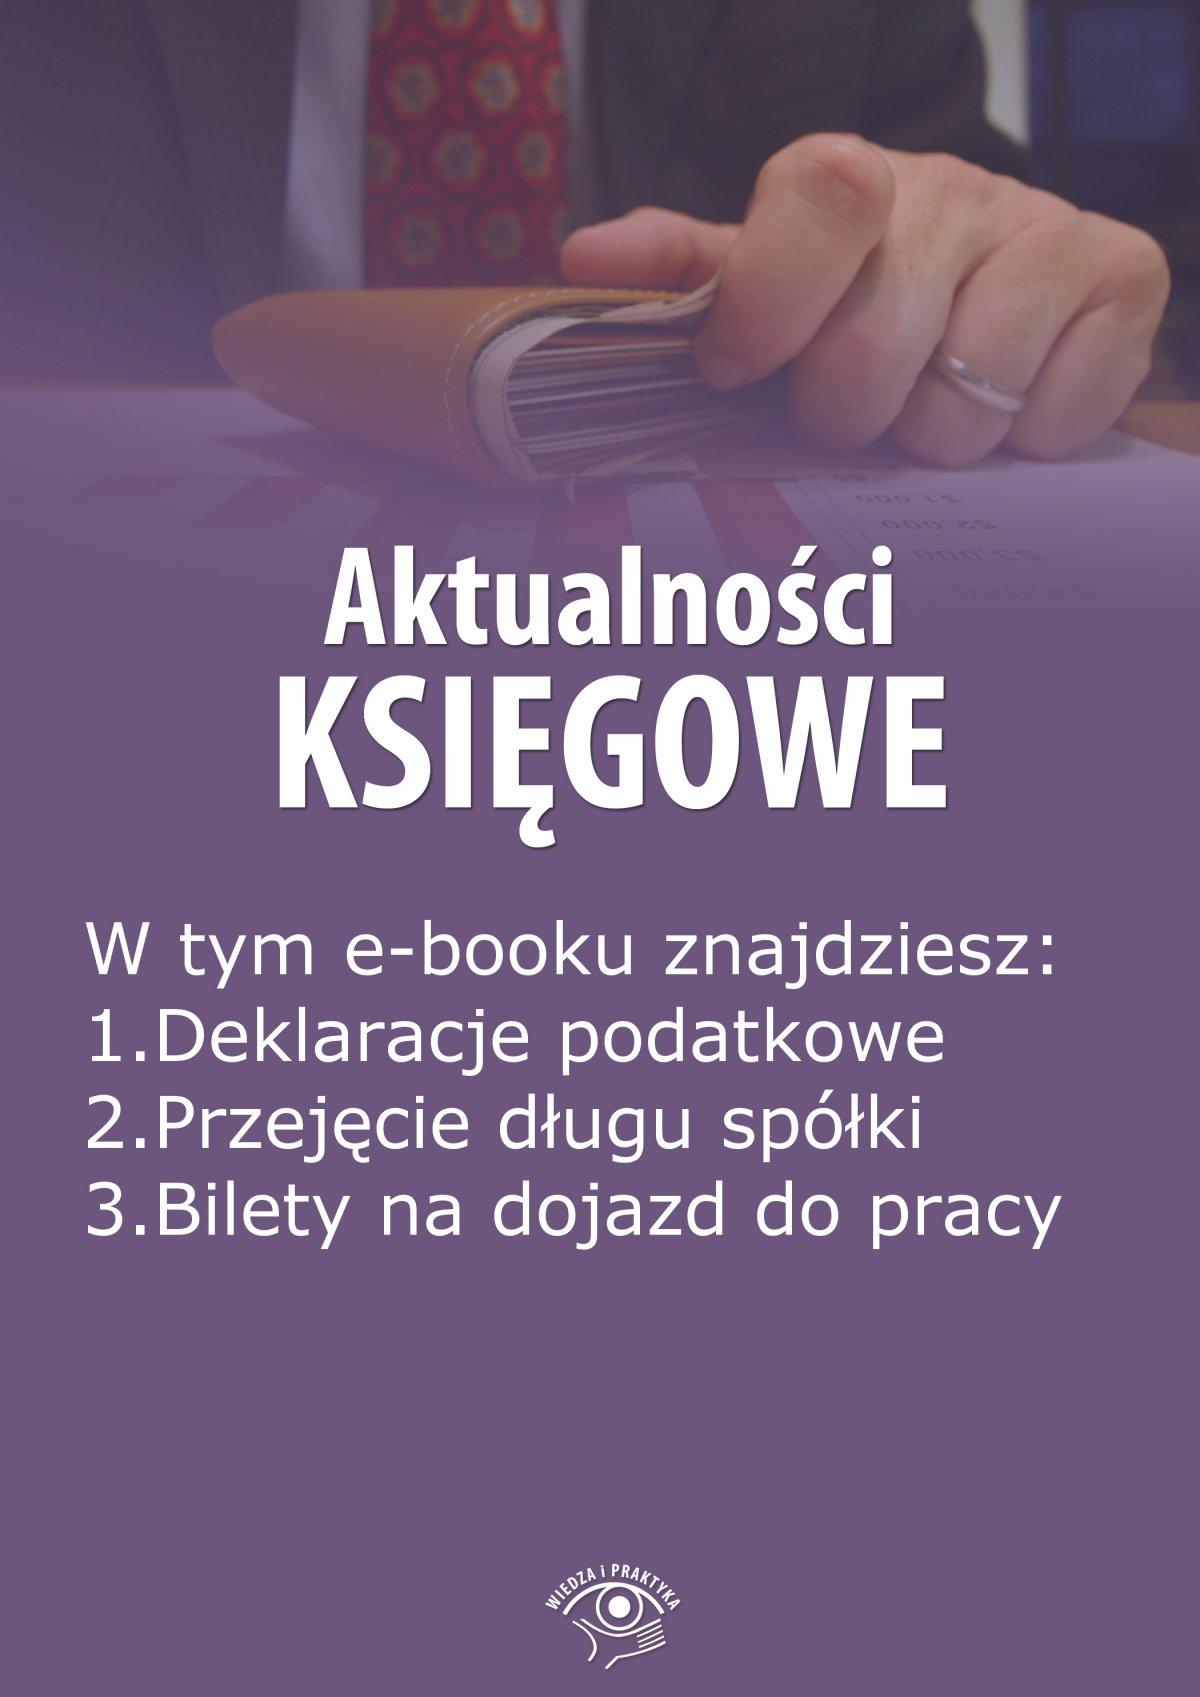 Aktualności księgowe, wydanie wrzesień 2014 r. - Ebook (Książka EPUB) do pobrania w formacie EPUB